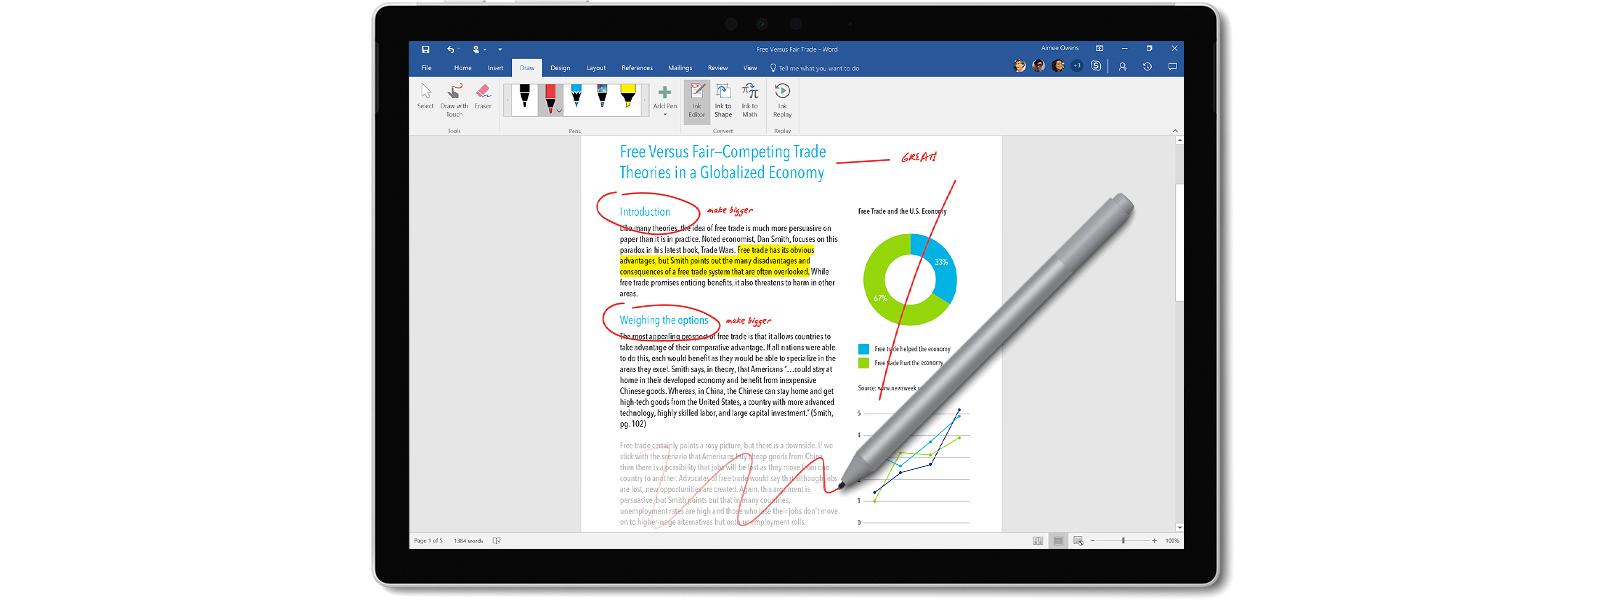 Schermopname van met Surface-pen bewerkte pagina met opmerkingen, markeringen, doorhalingen en via cirkels geselecteerde tekst.